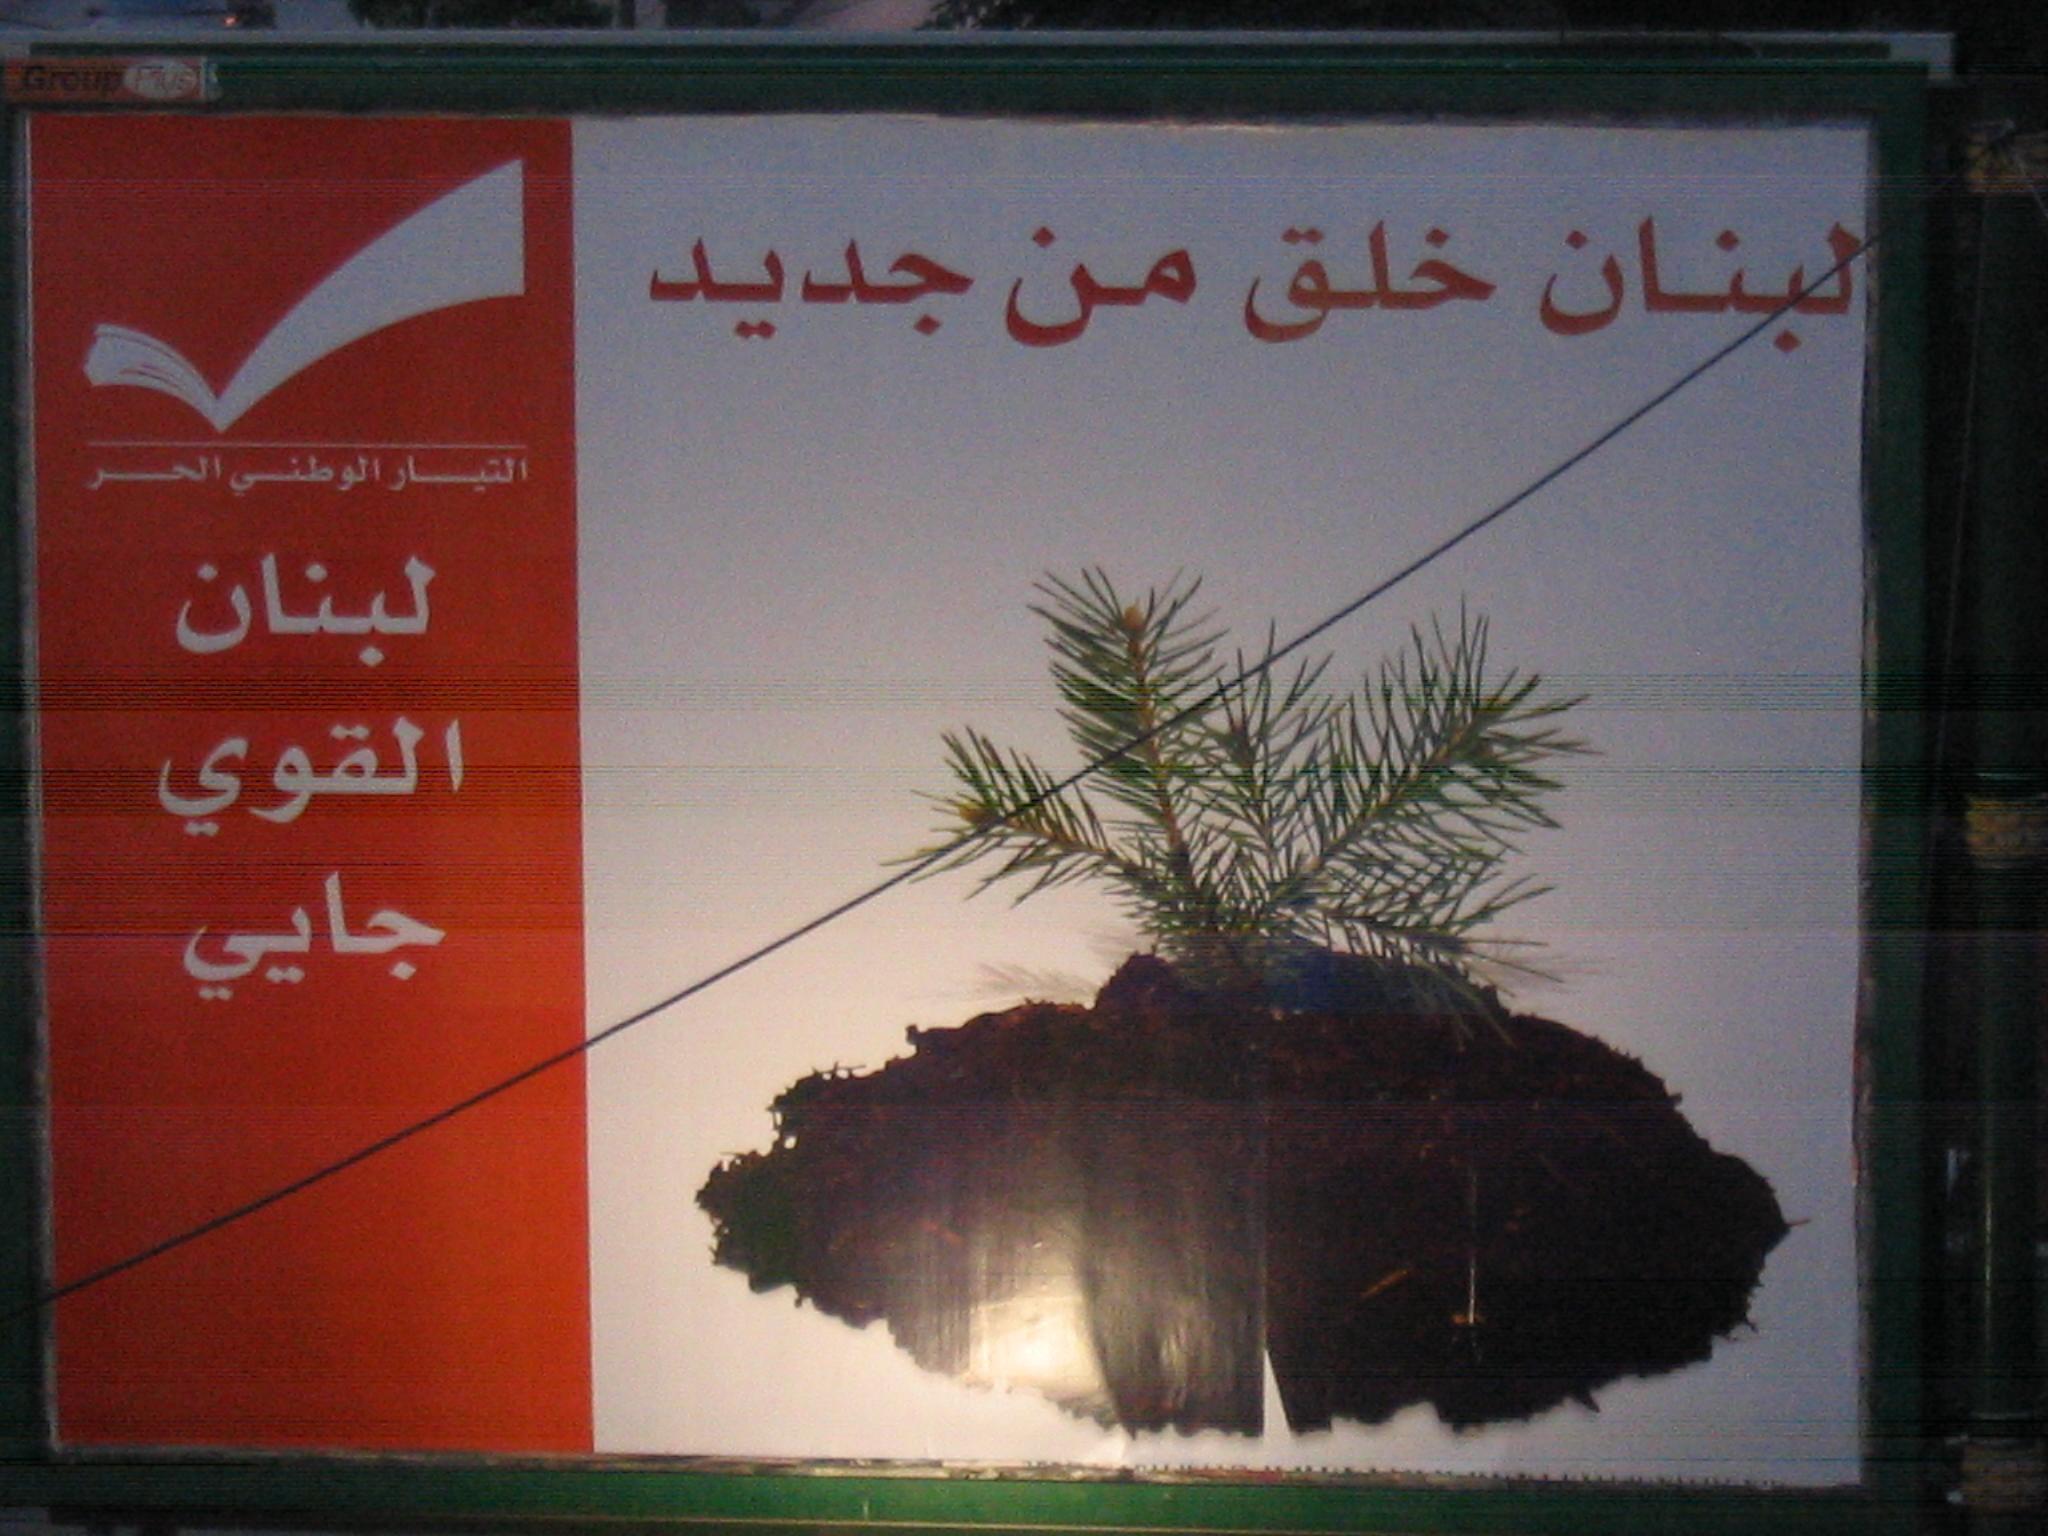 Foto di Valentina Perniciaro _Beirut settembre 2006: Il cedro in crescita, manifesti per la ricostruzione